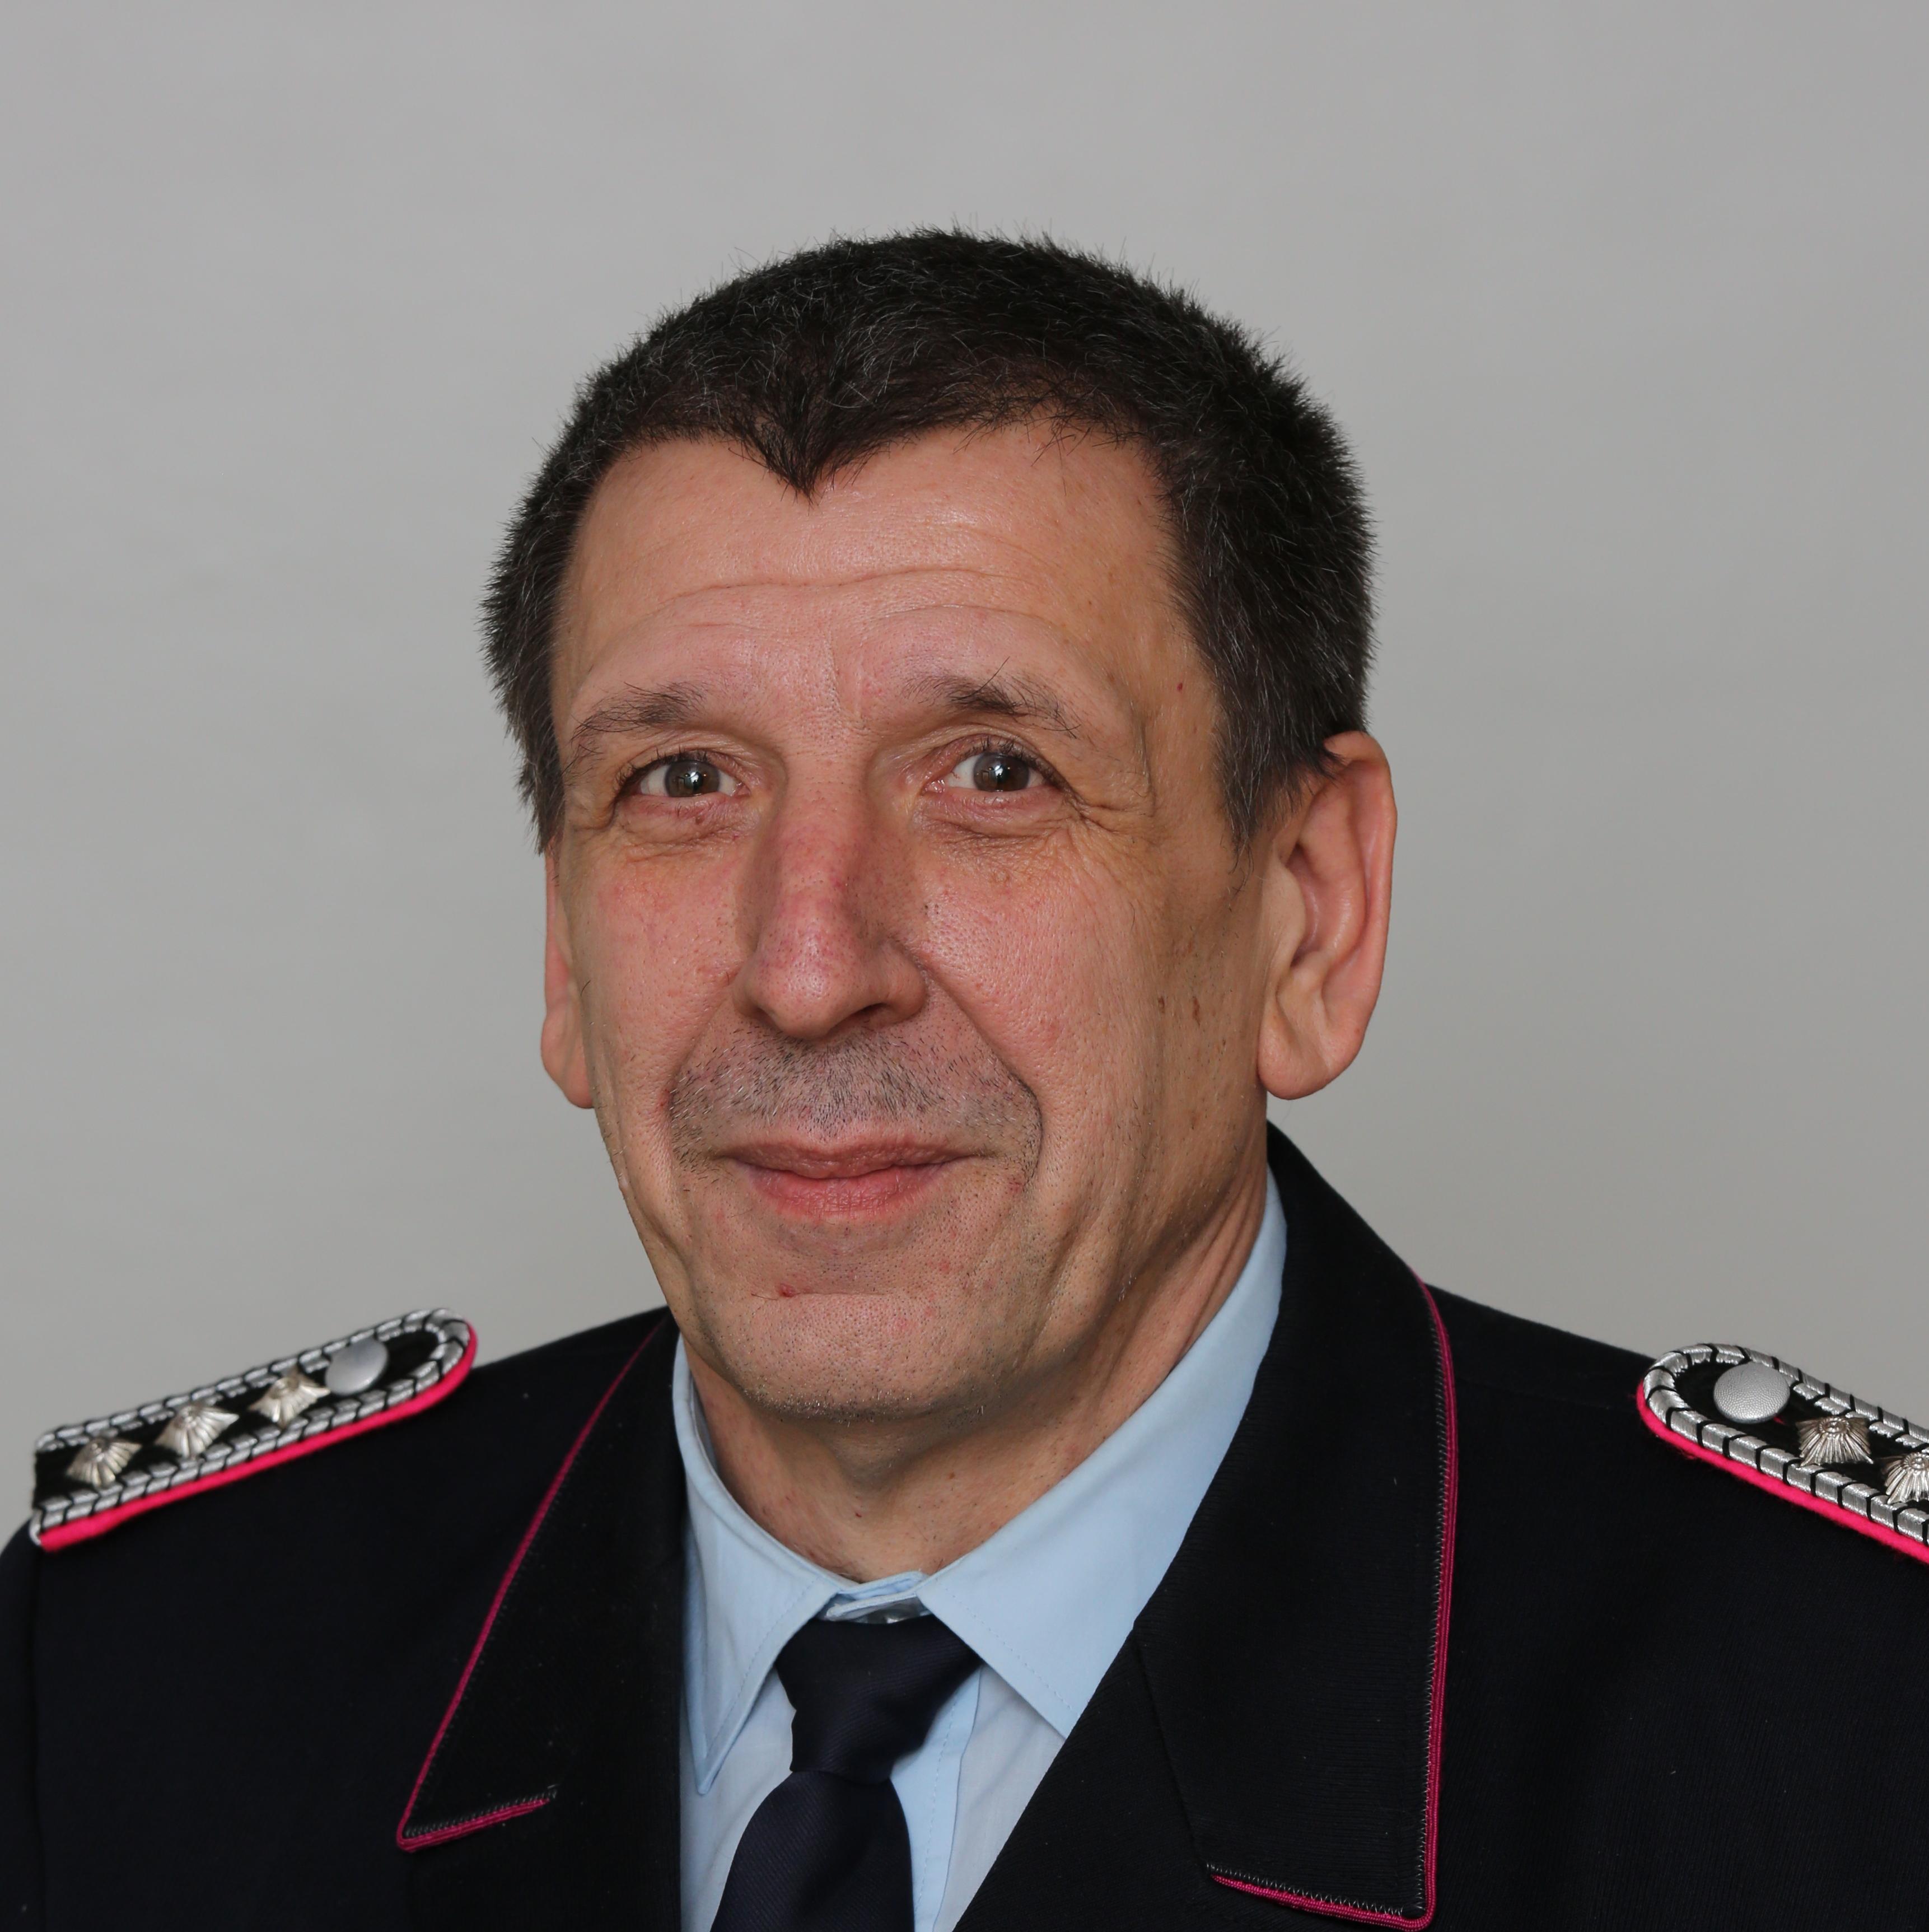 Christian Gödecke